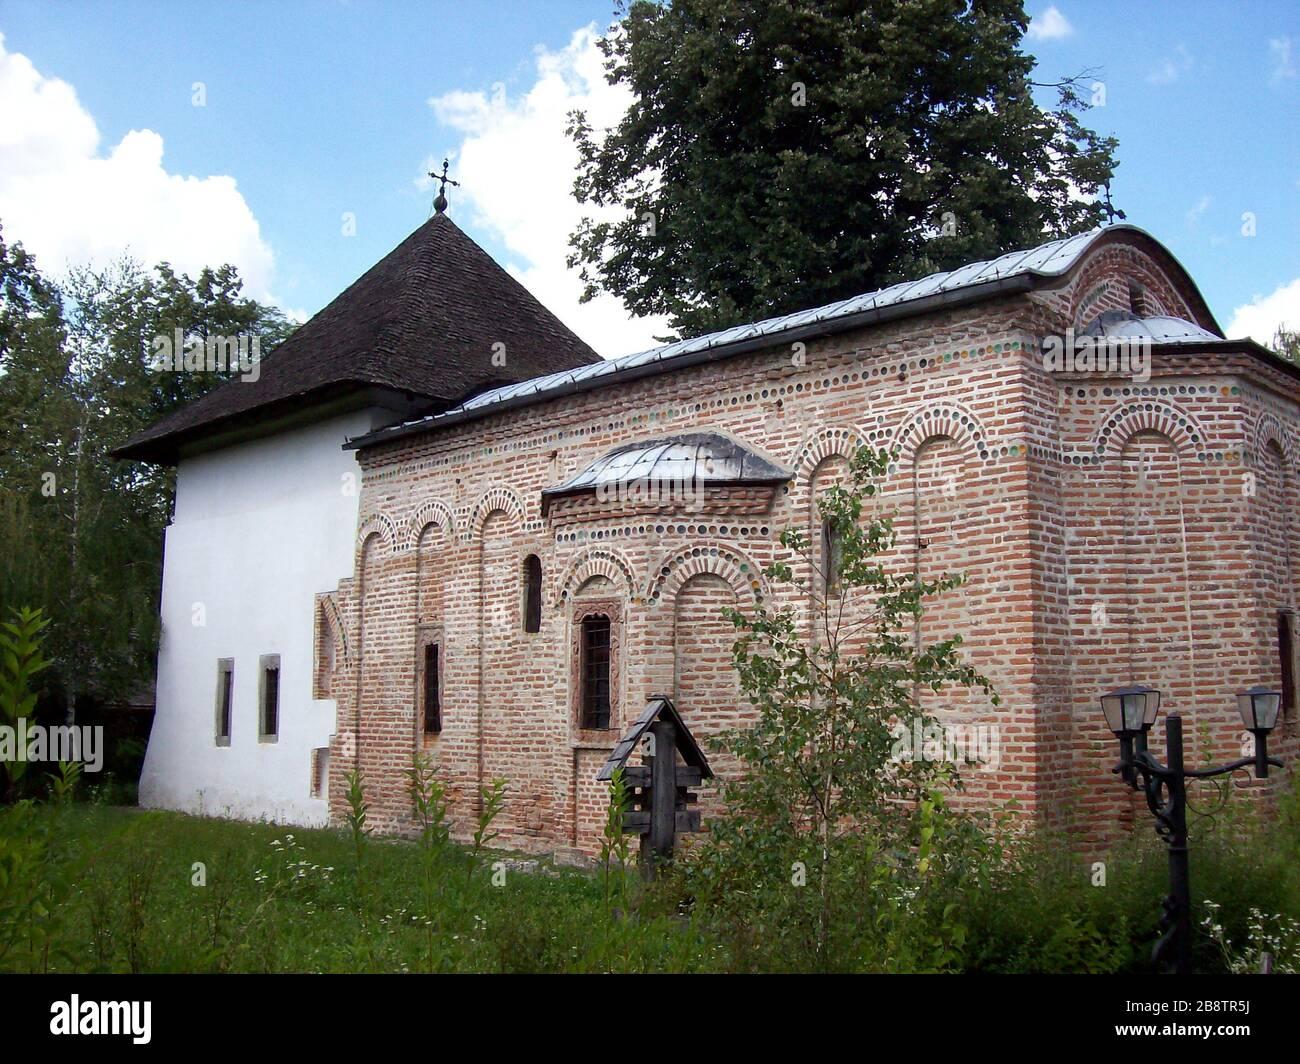 Klooster Stockfotos Und Bilder Kaufen Alamy